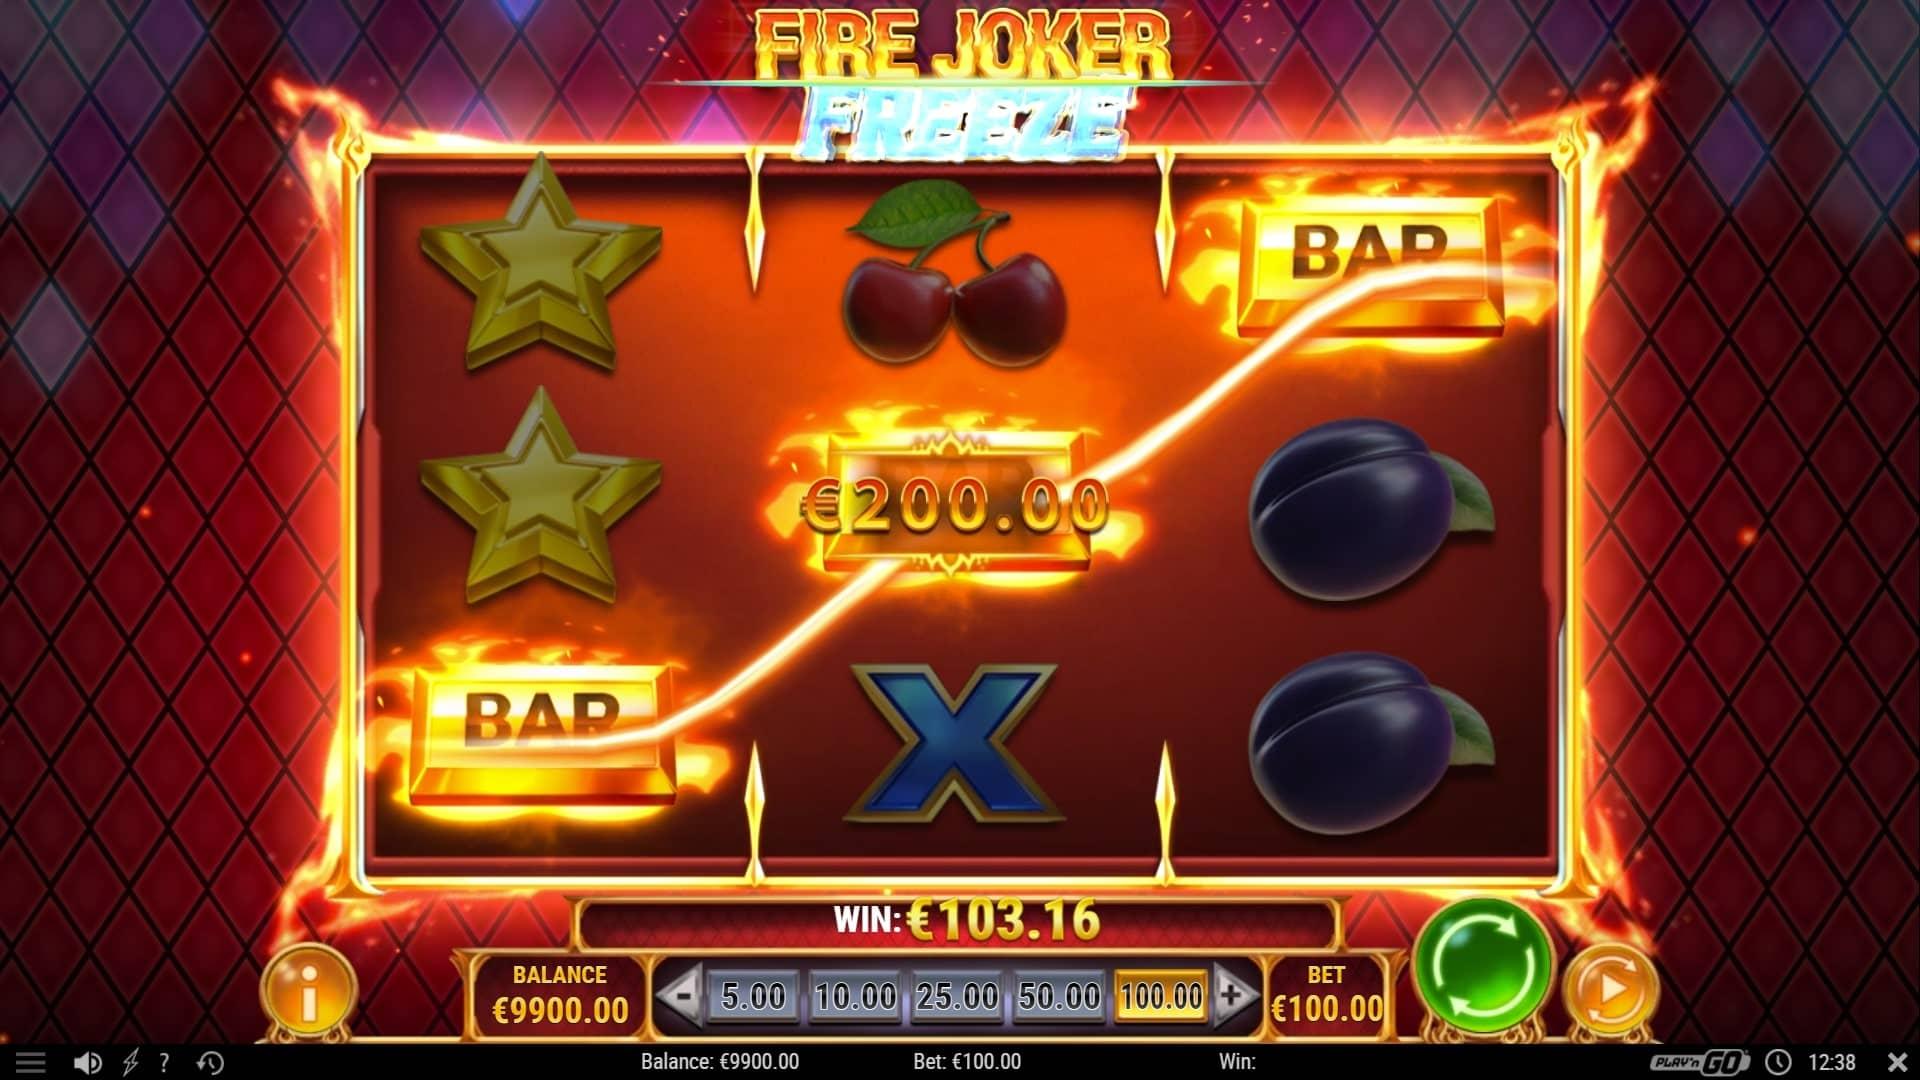 Fire Joker Freeze Base Game